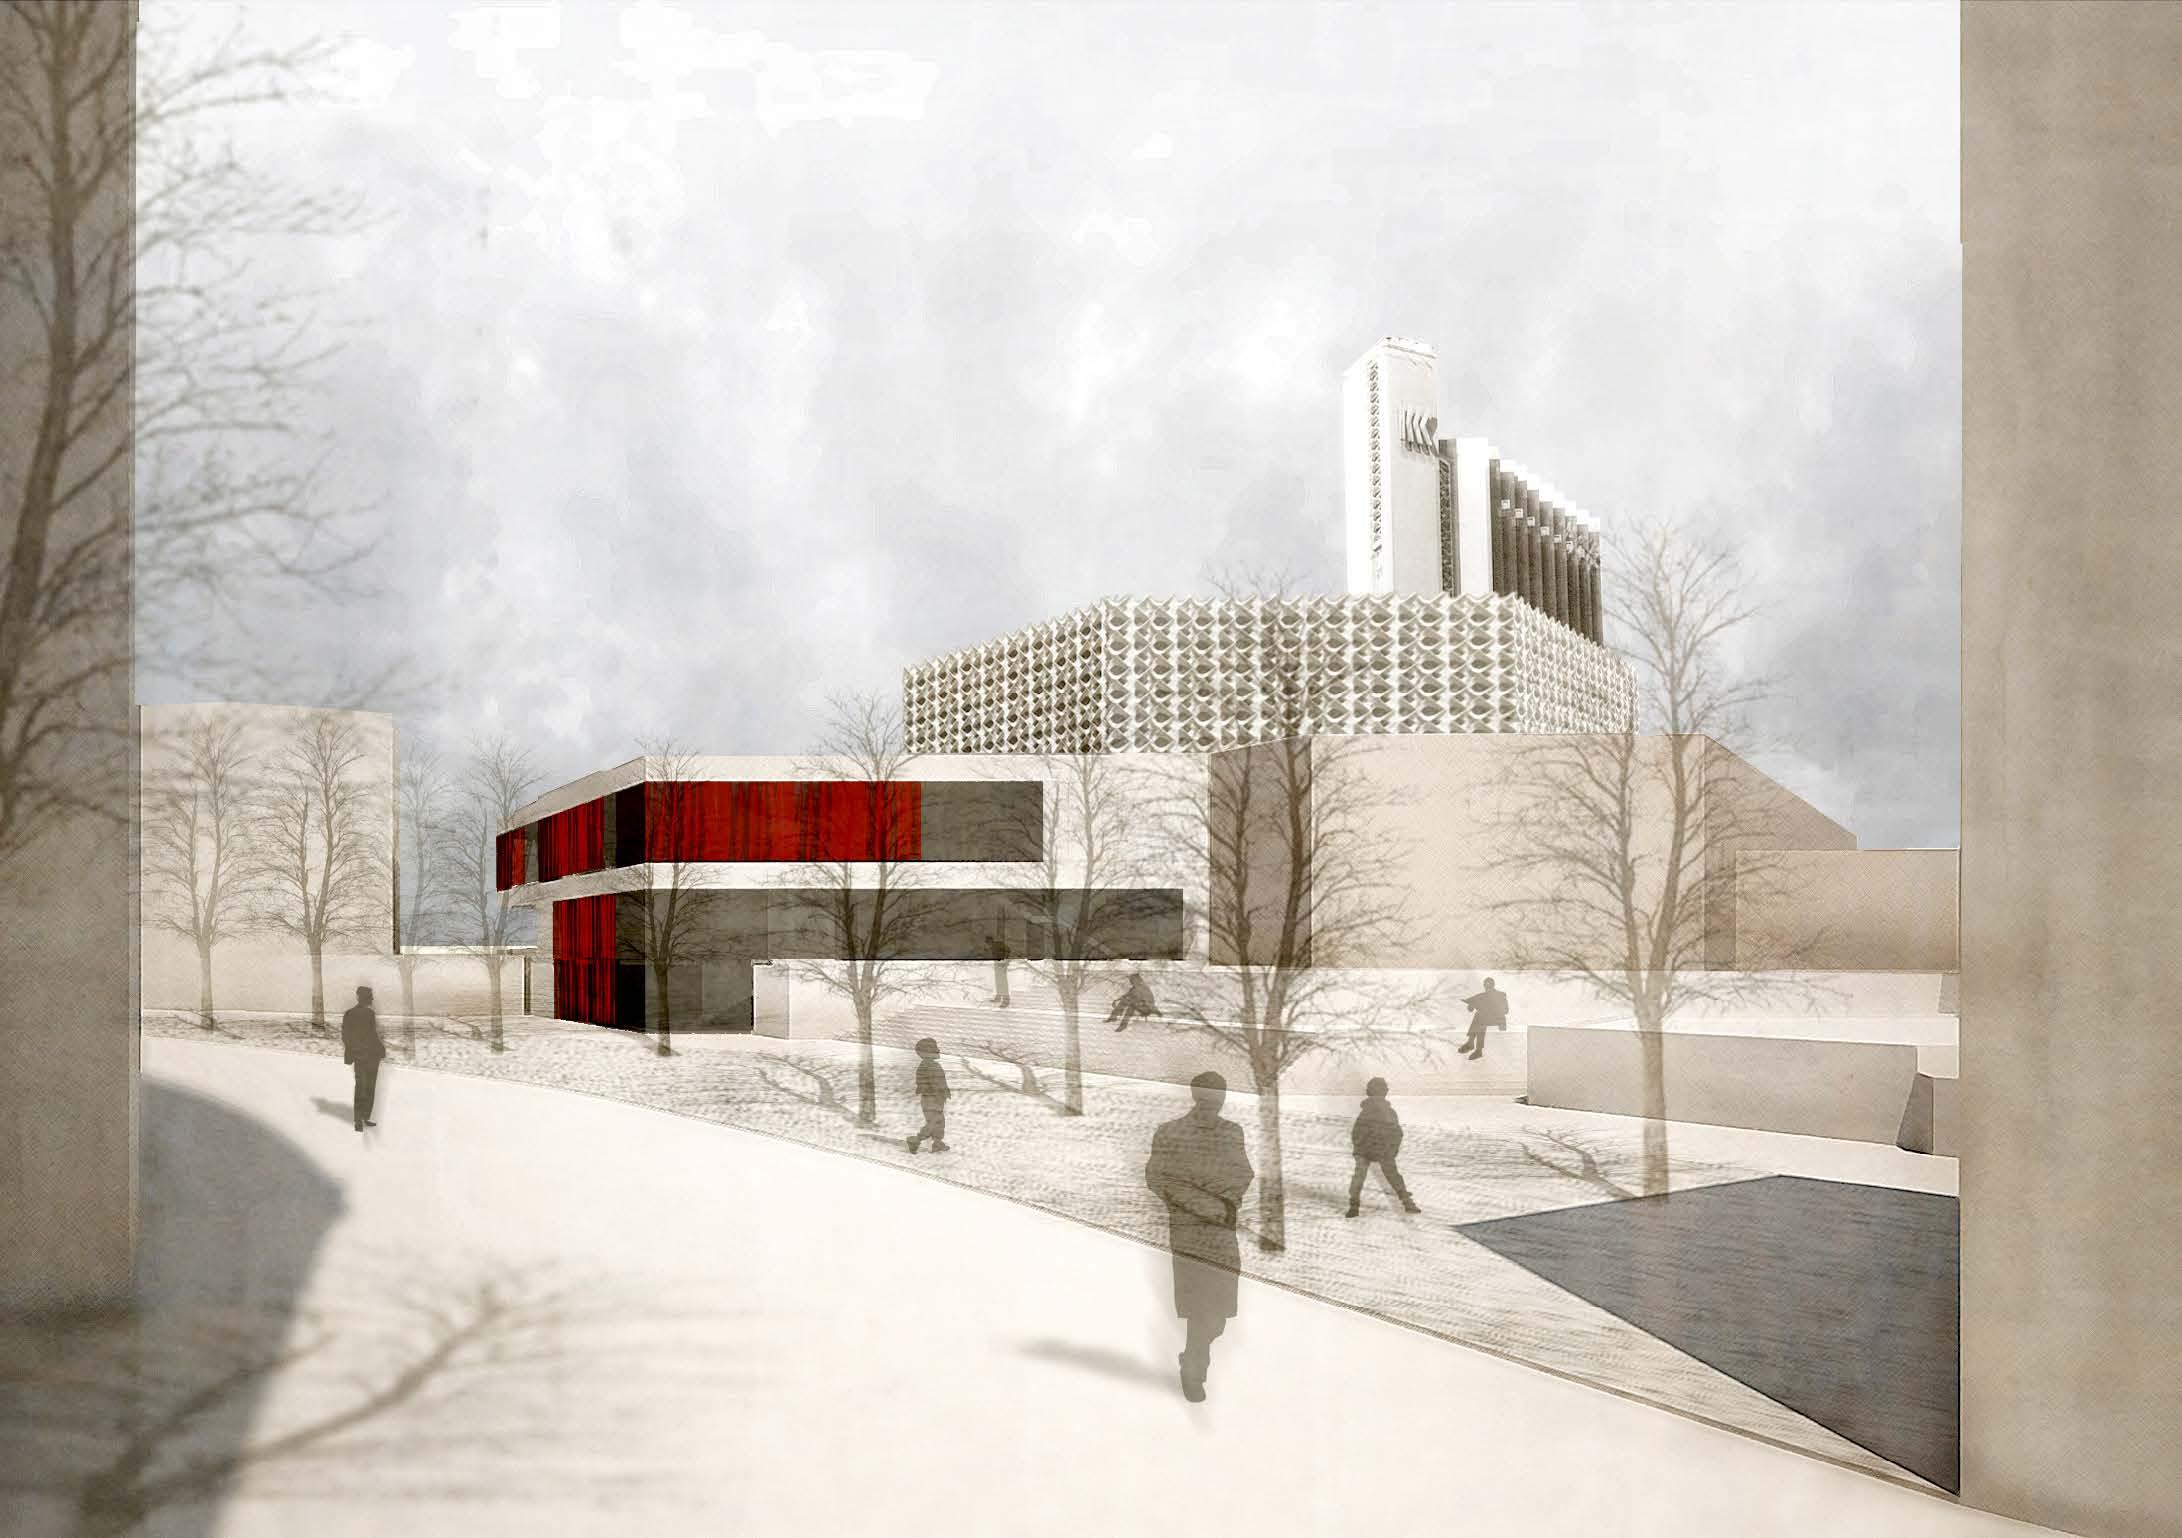 066+Stadthalle+Chemnitz.jpg